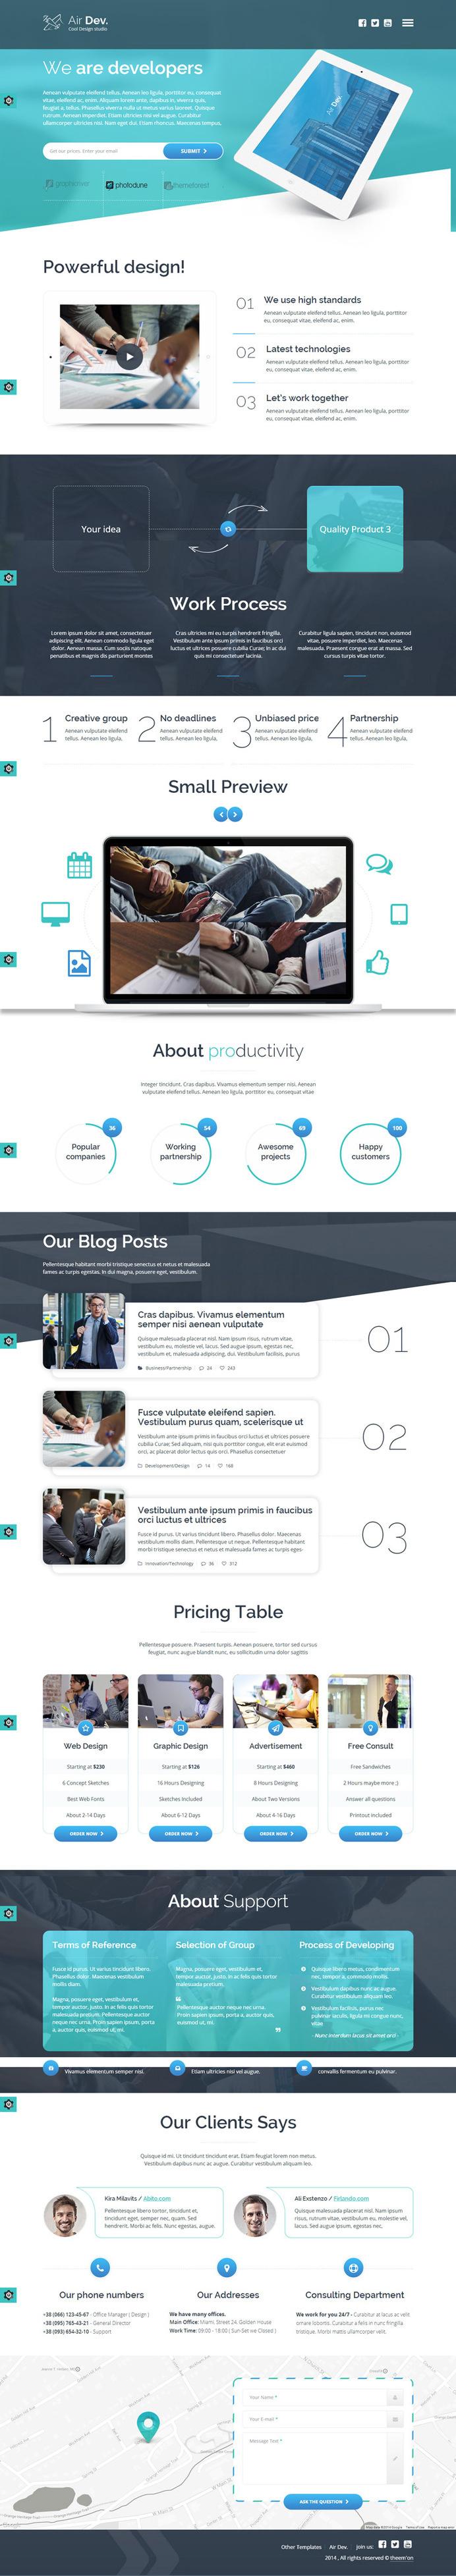 blue web design concept layout in web. Black Bedroom Furniture Sets. Home Design Ideas